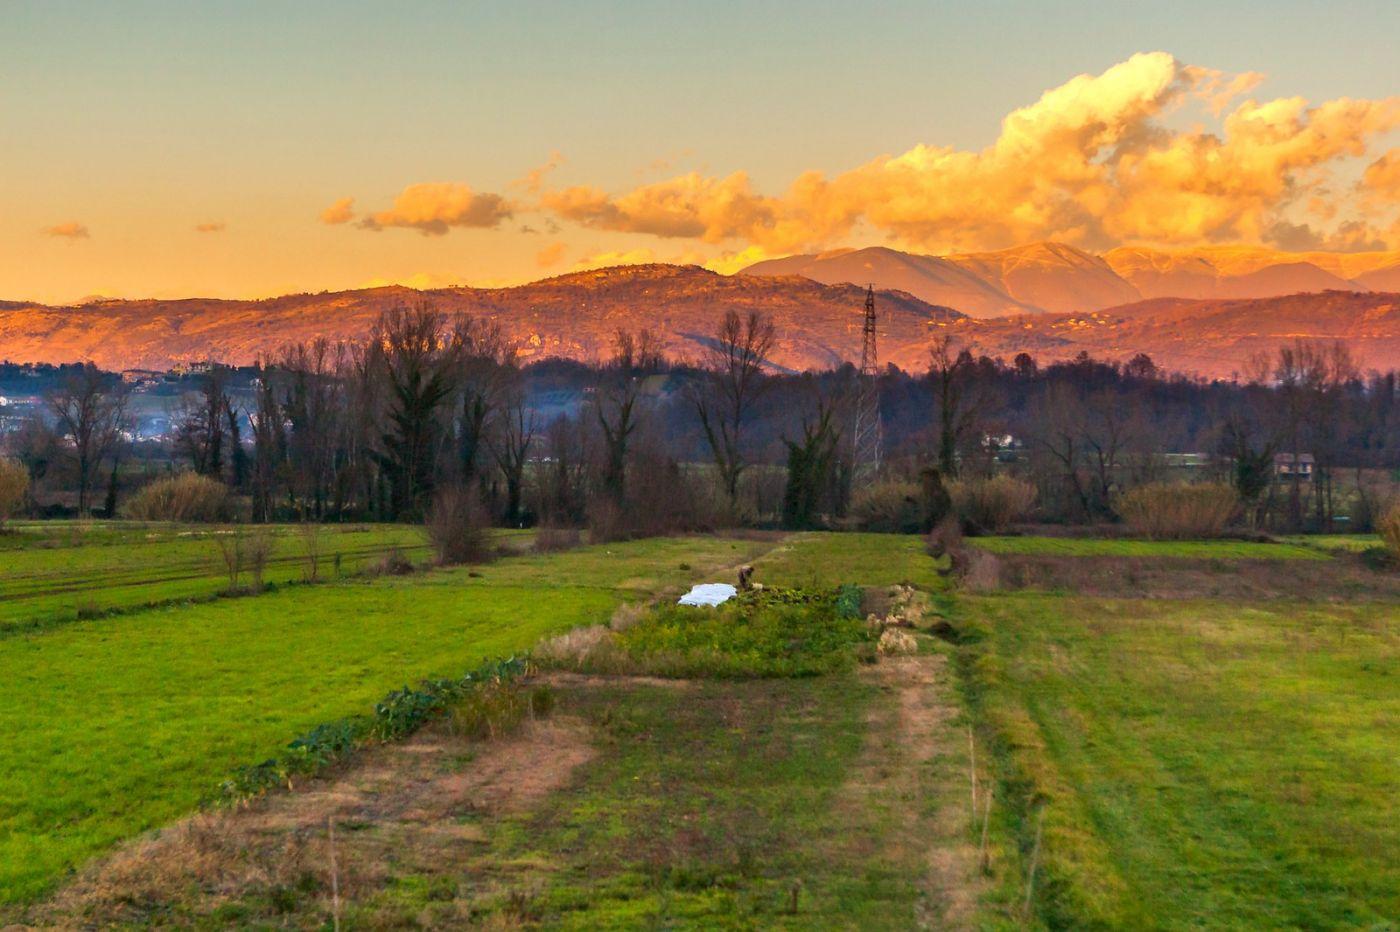 意大利路途,黄昏时的乡村_图1-19